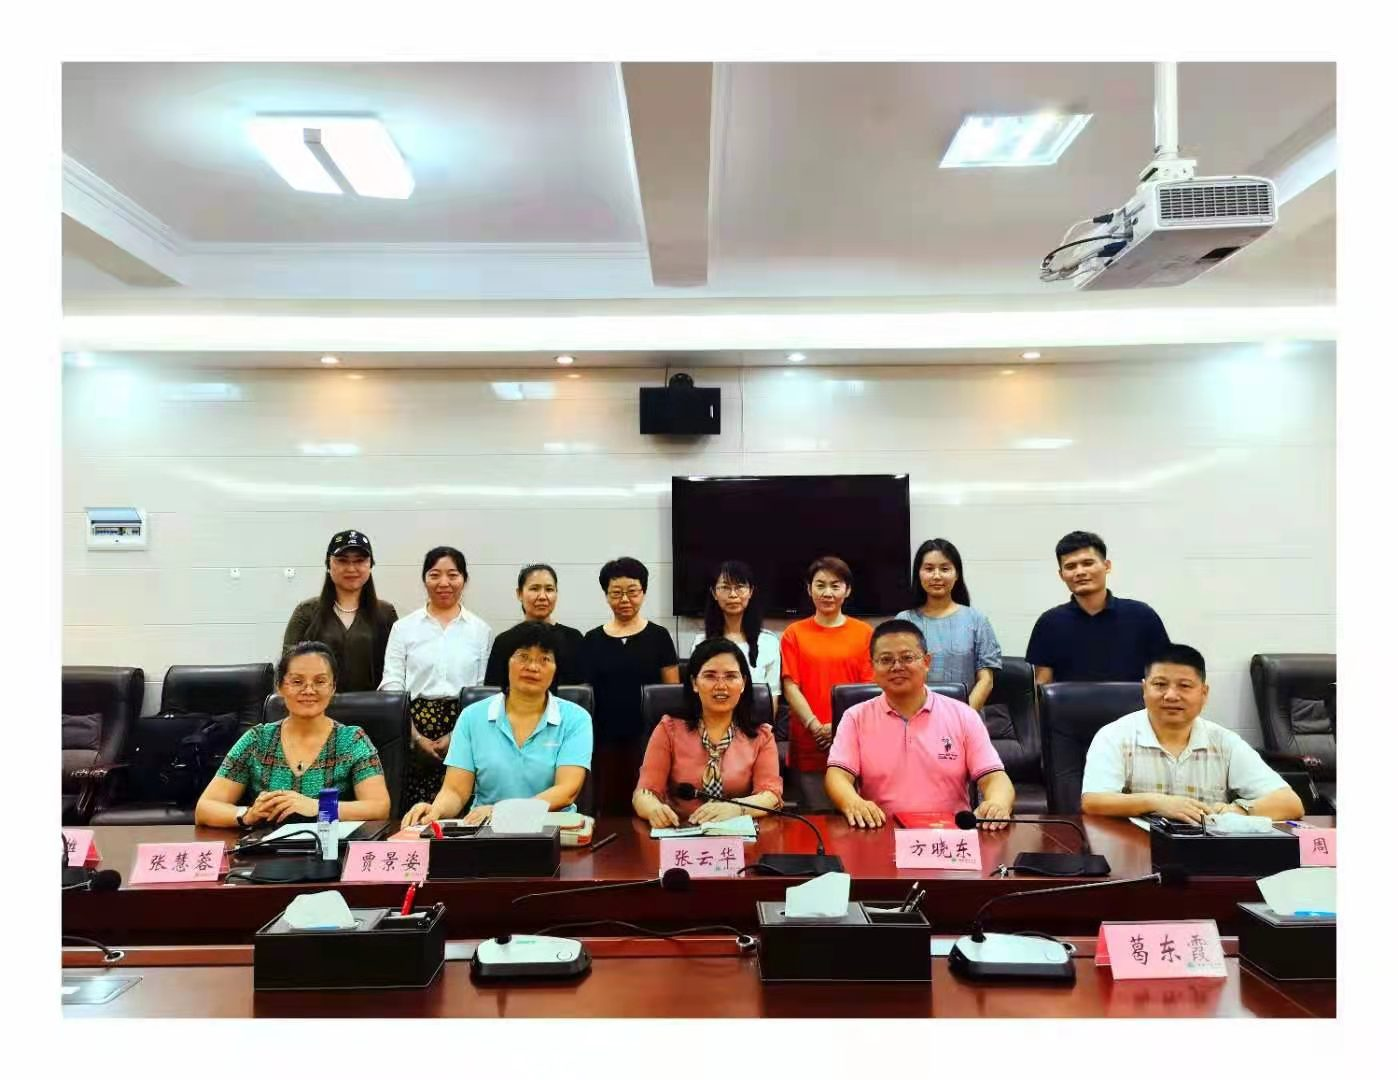 我校成功举办《创新创业基础》课程师资培训研讨会